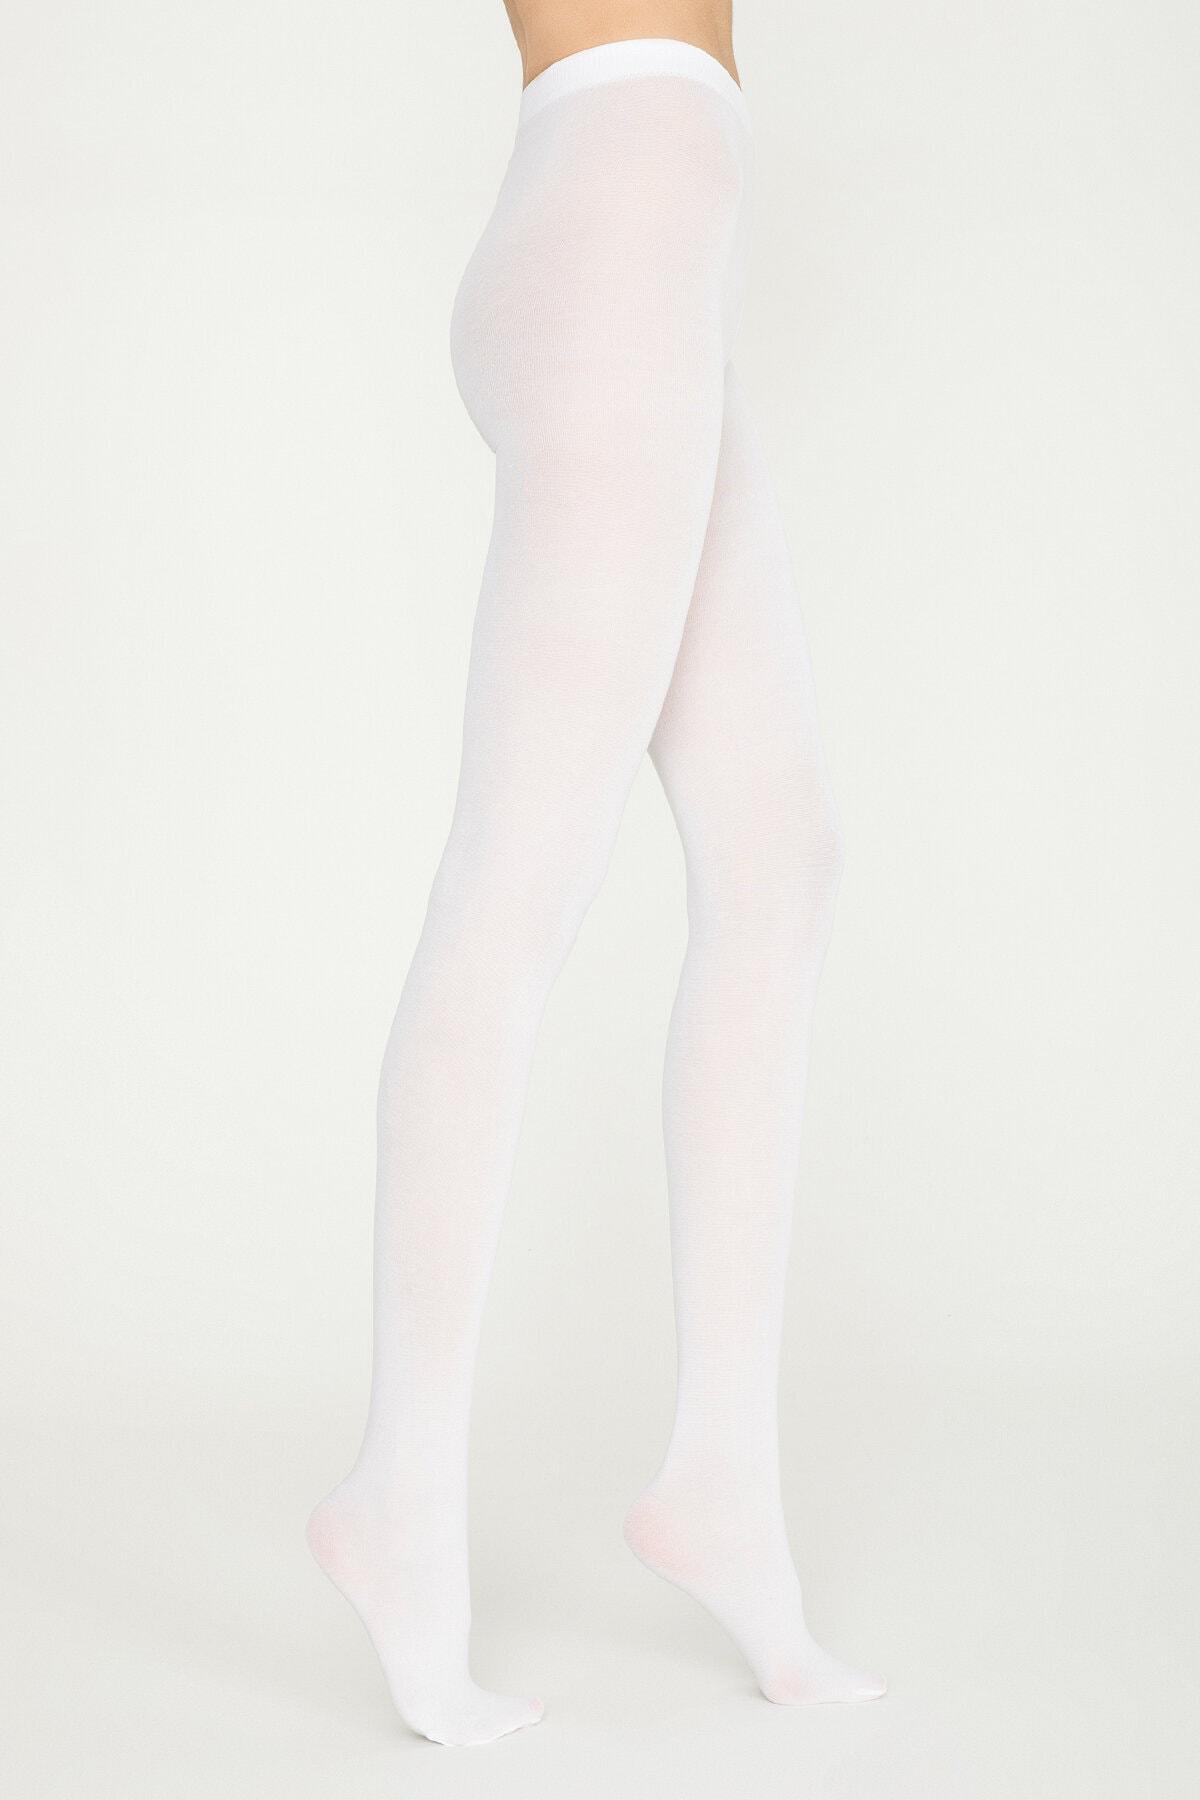 Penti Kadın Beyaz Koton Külotlu Çorap